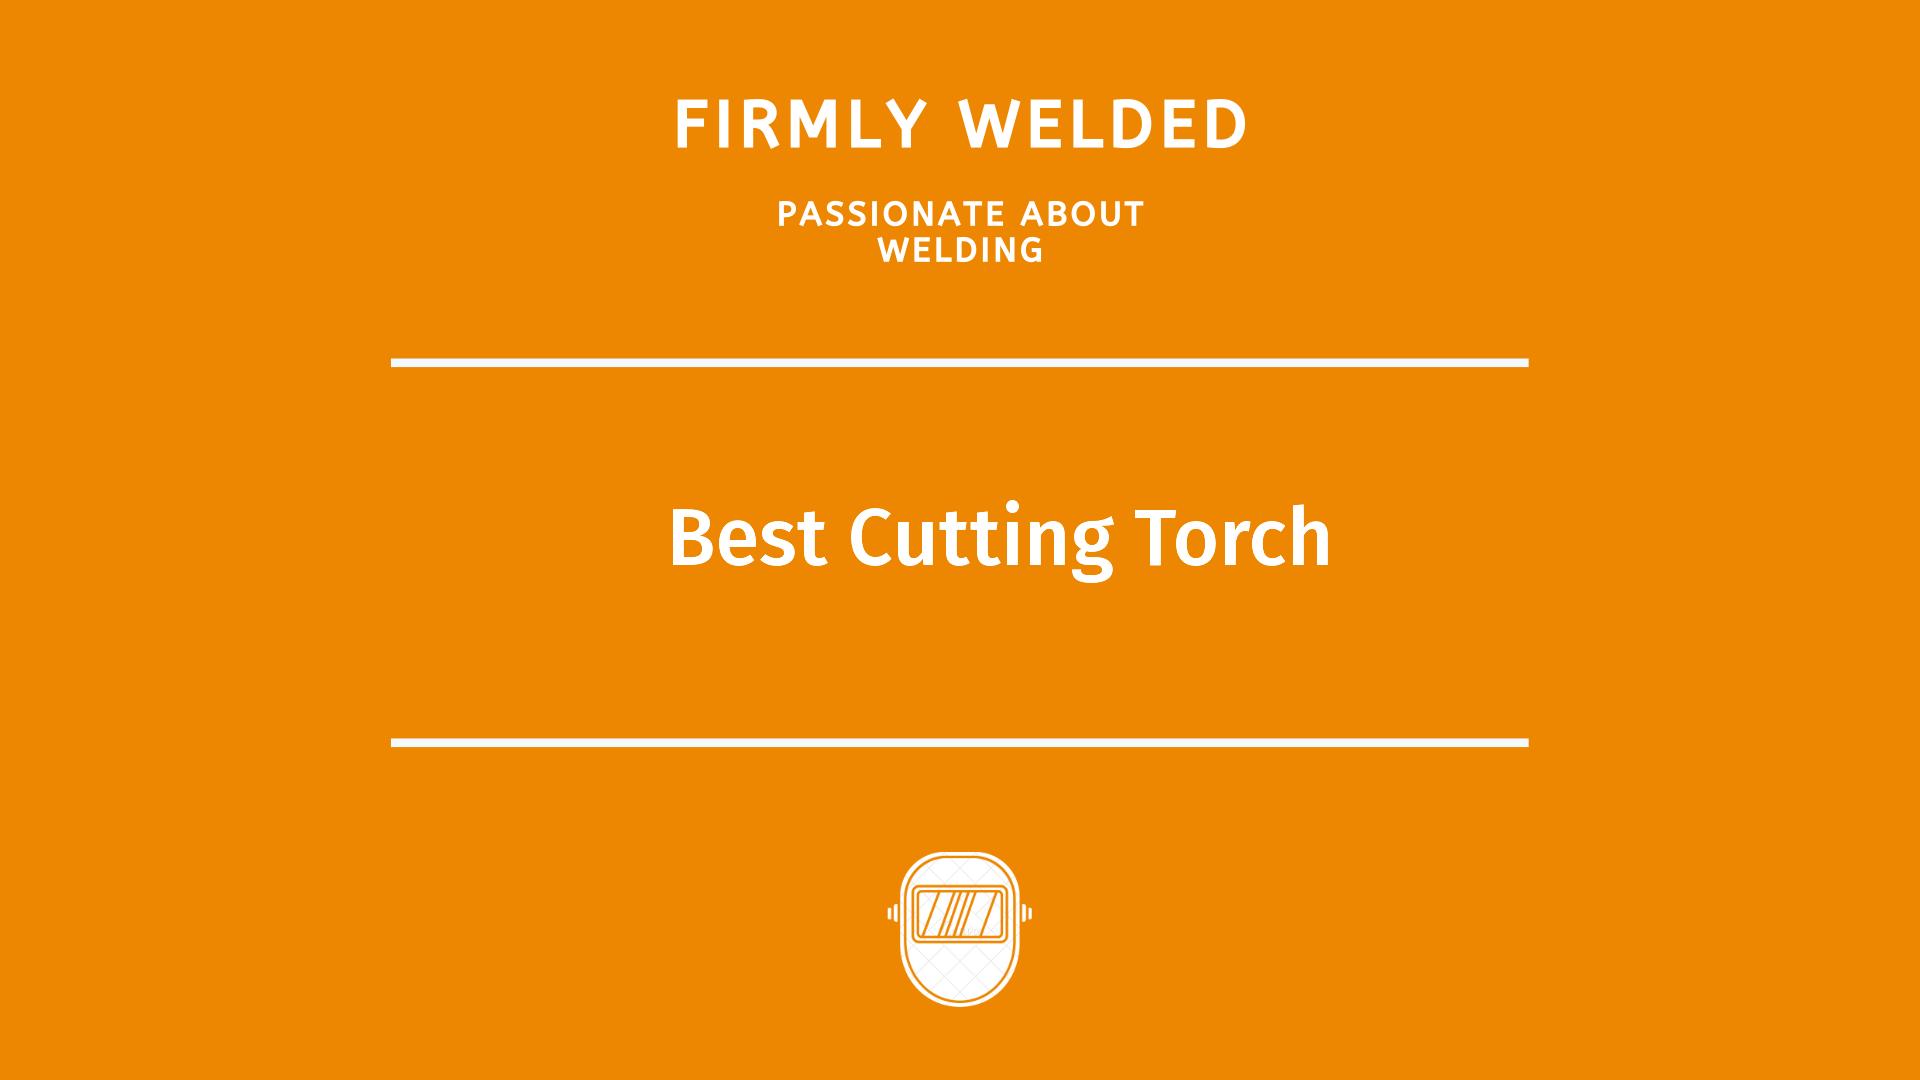 Best Cutting Torch